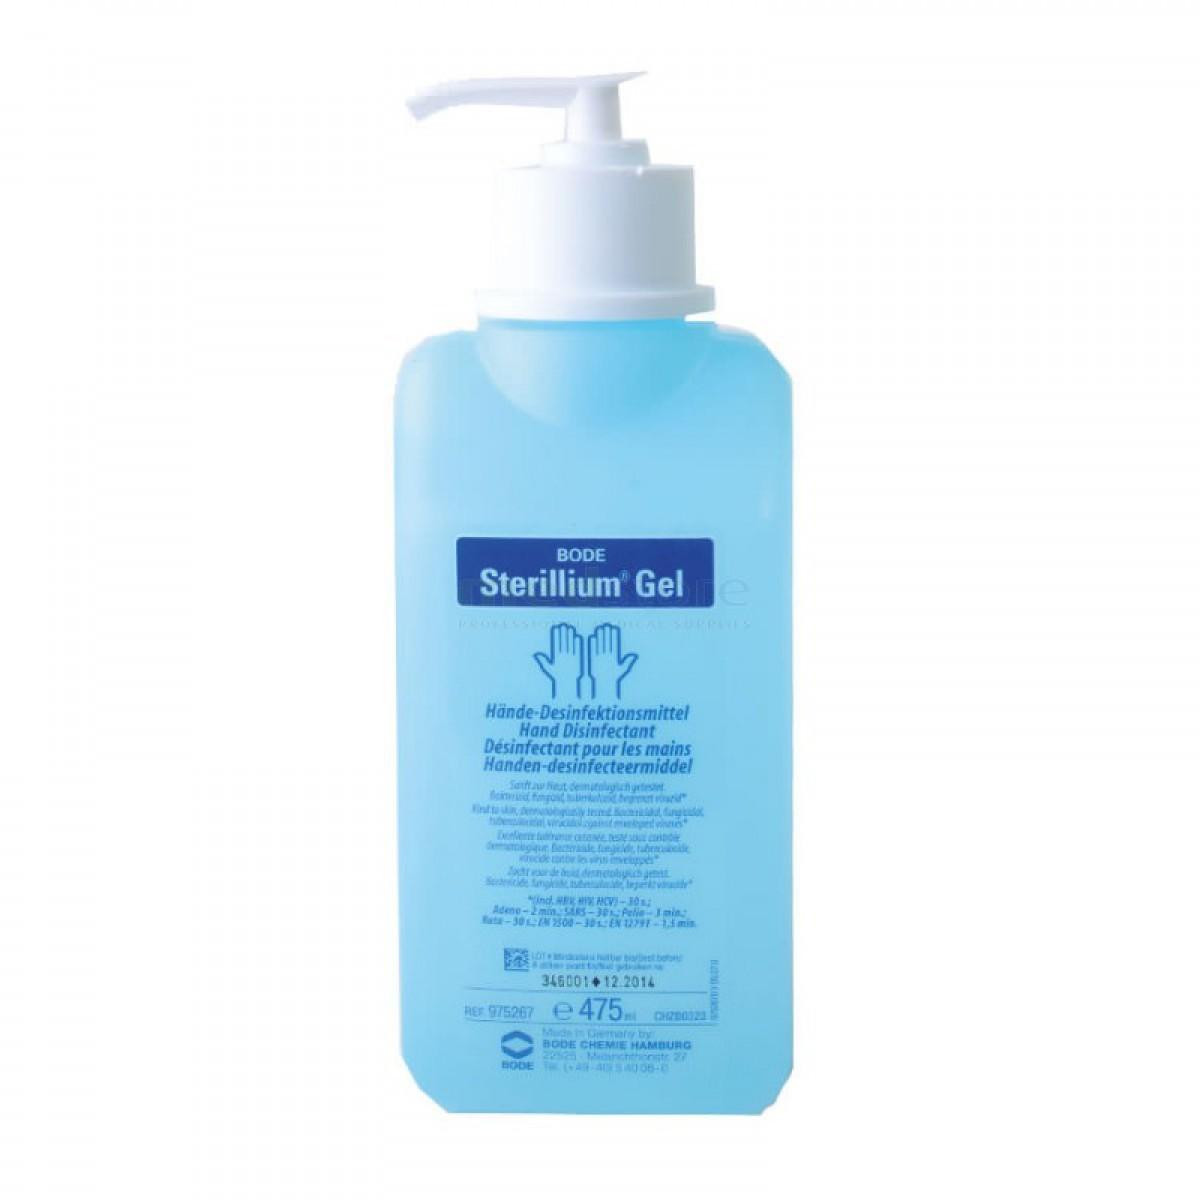 Sterillium Gel hand disinfectant